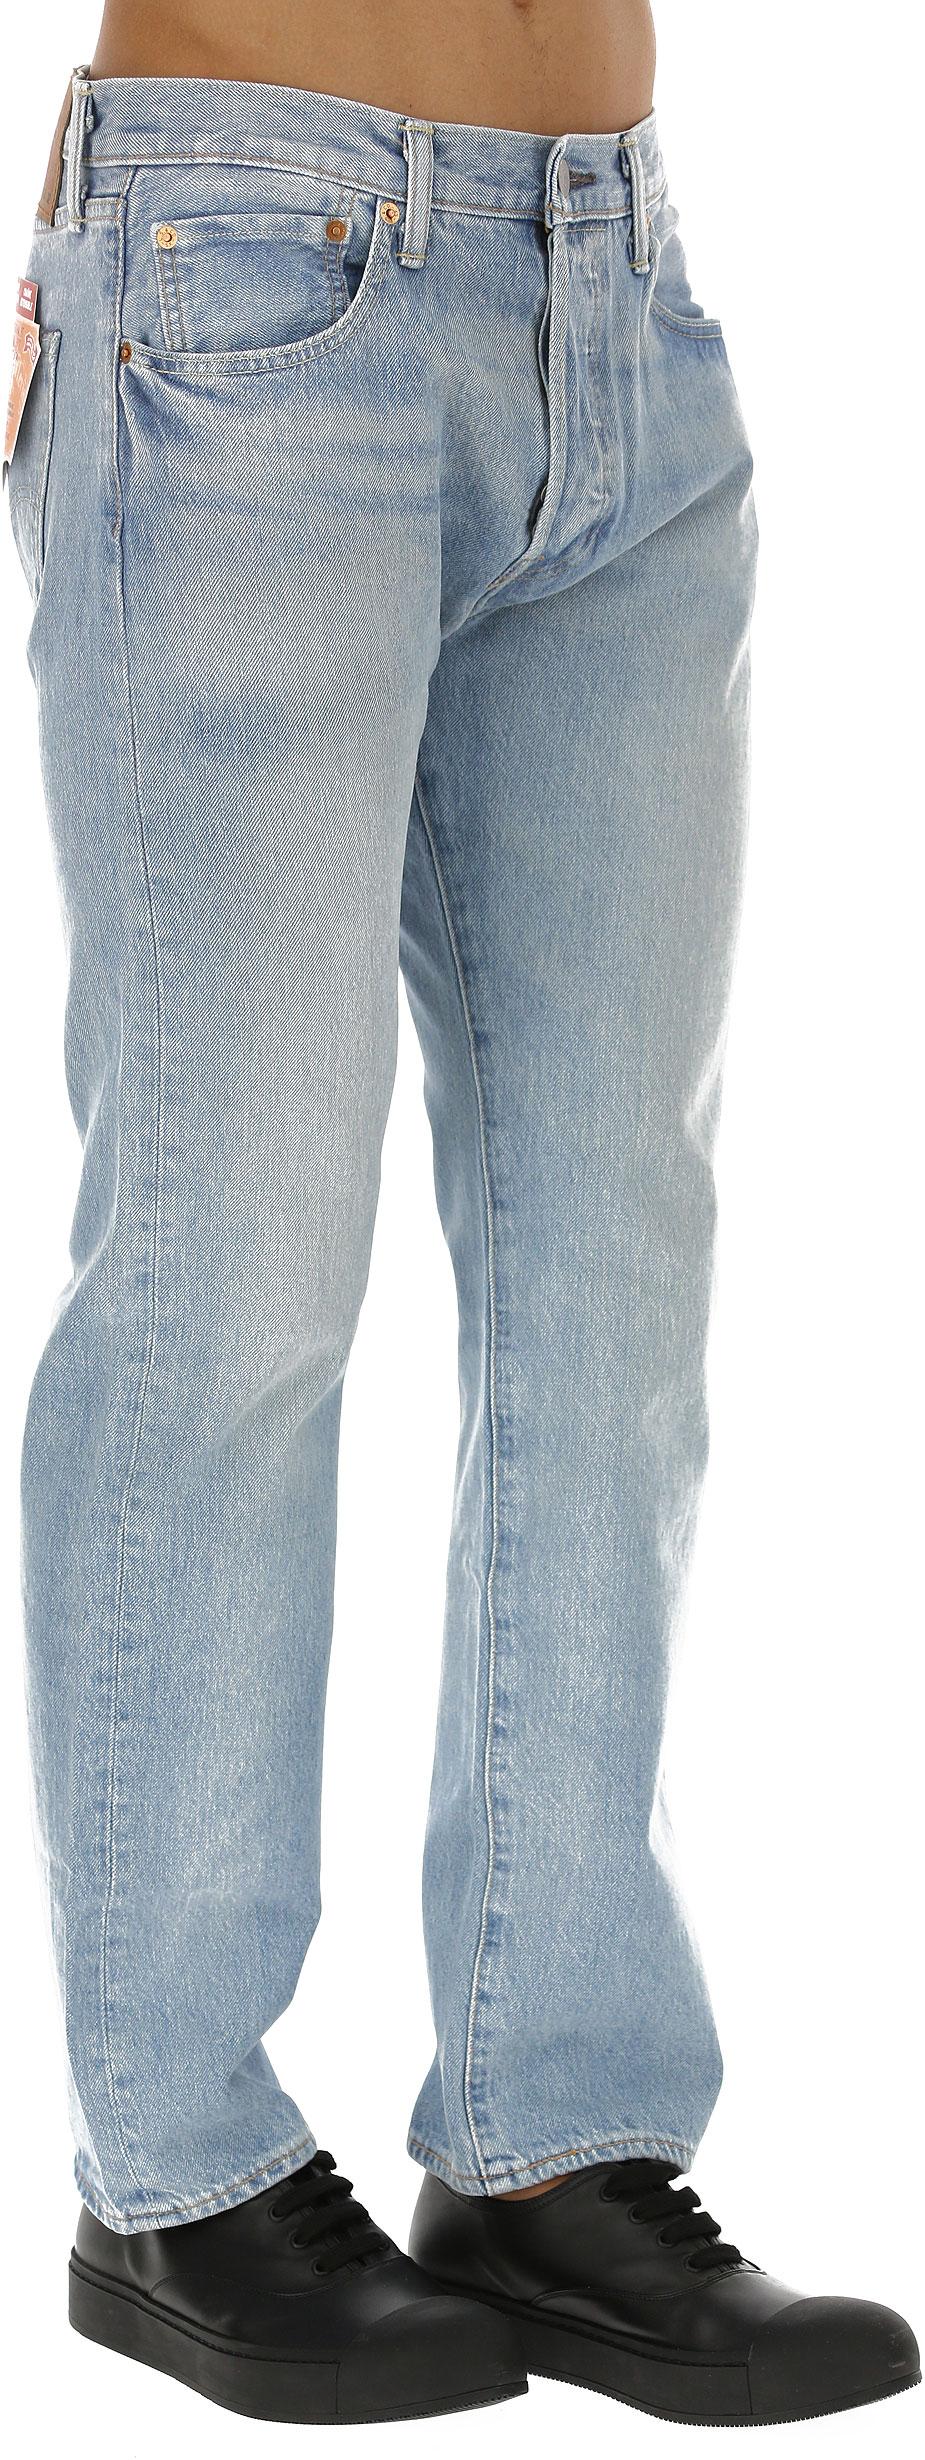 Abbigliamento Uomo Levis, Codice Articolo: 00501-2550-